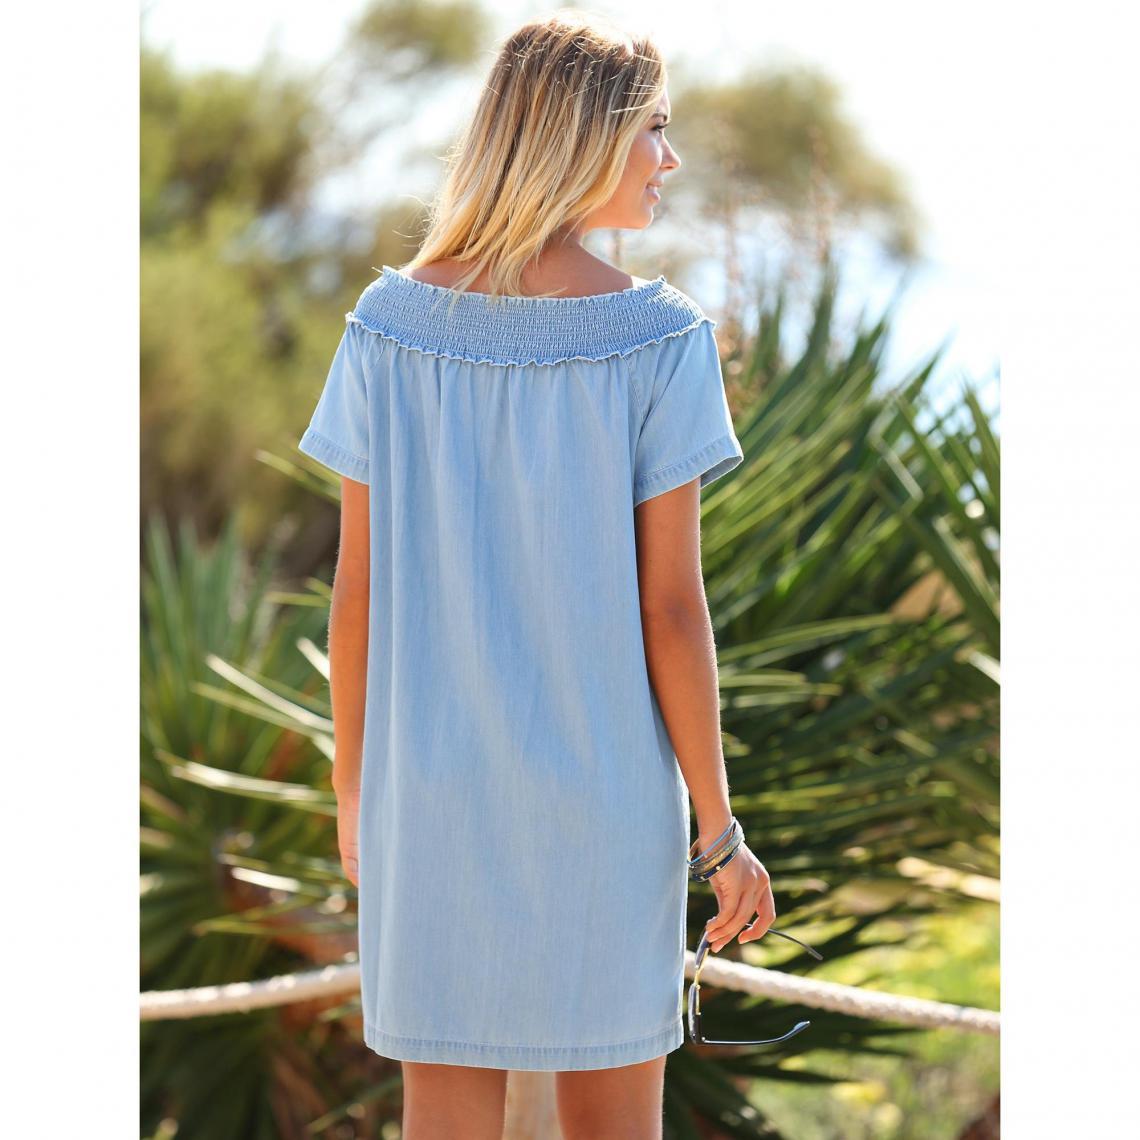 466ccd33475b4 Robes courtes femme 3 Suisses Cliquez l image pour l agrandir. Robe en jean  col bateau élastique broderie femme Exclusivité ...